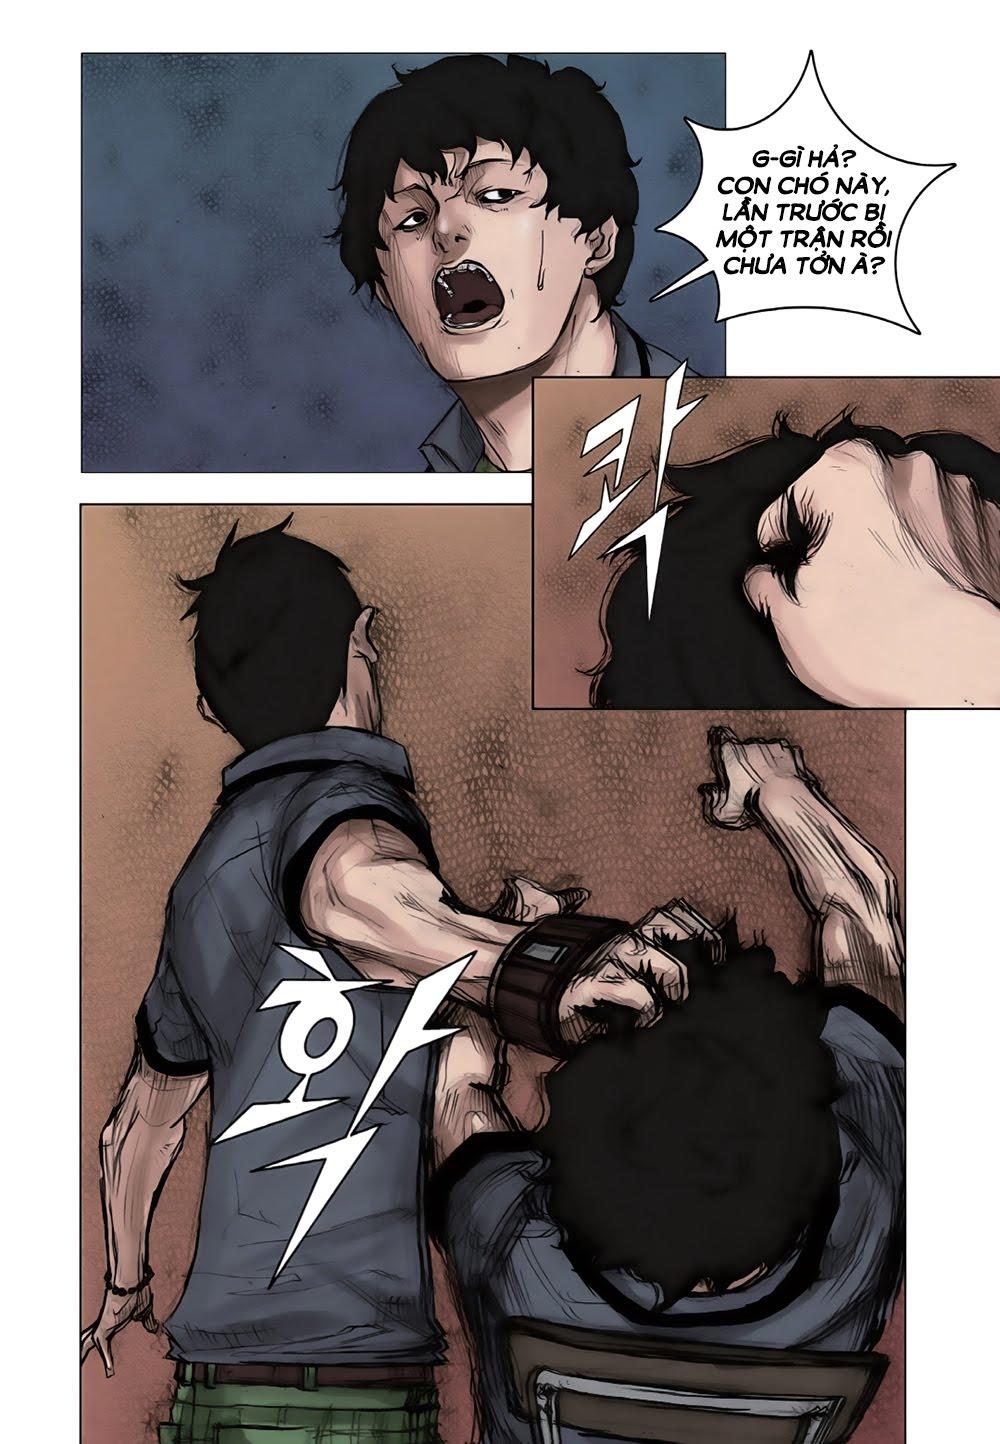 Tong phần 1-5 trang 24